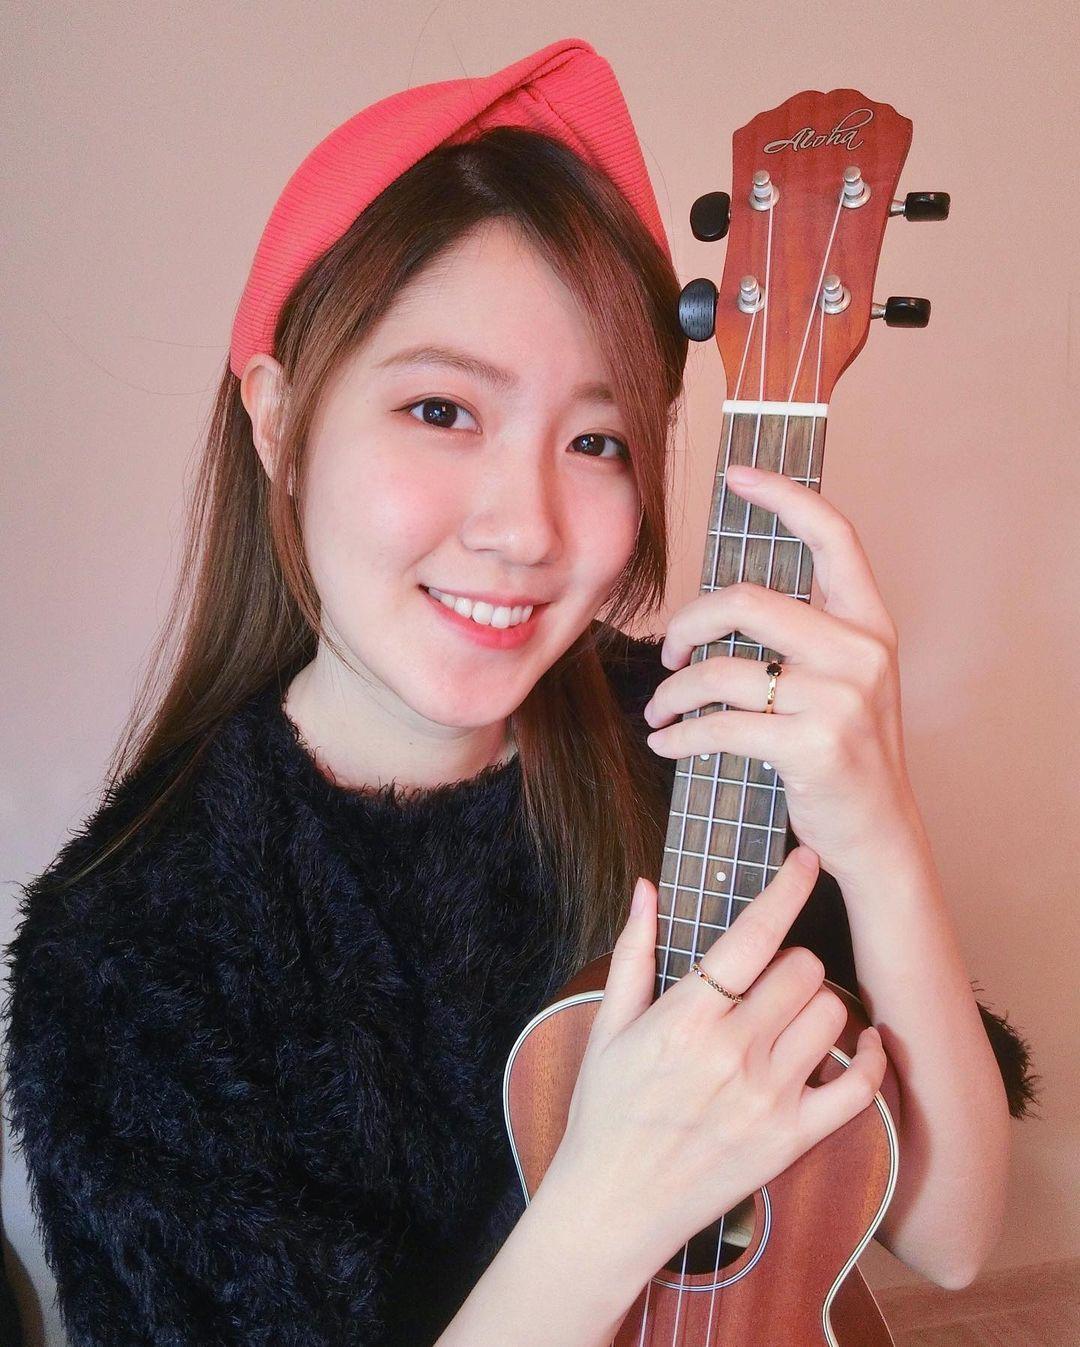 正妹音乐老师「玫哟」太甜美要补习英文也可以喔!-新图包